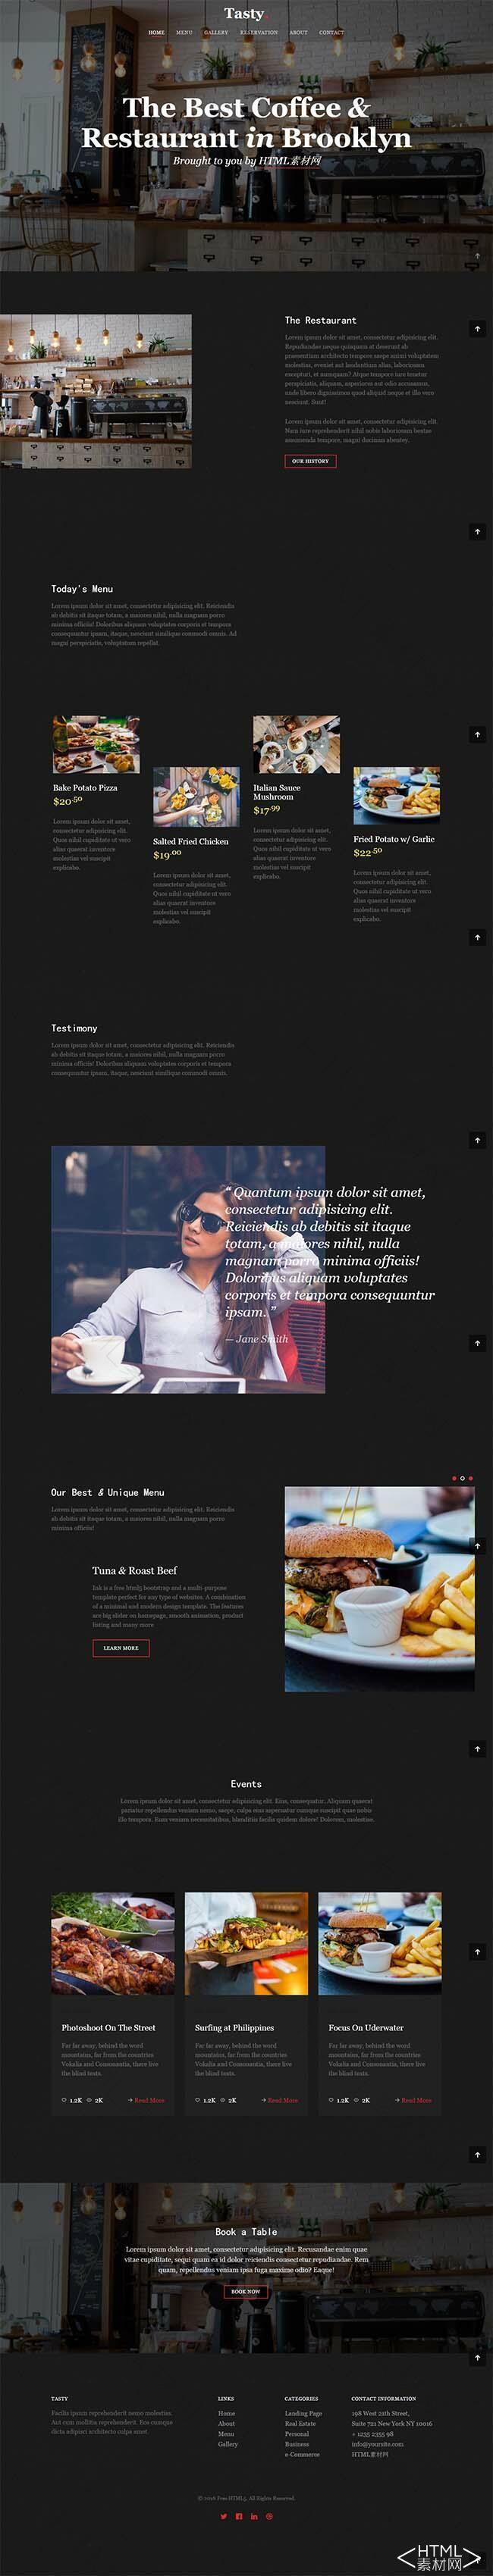 黑色的下午茶咖啡店网站html5模板.jpg